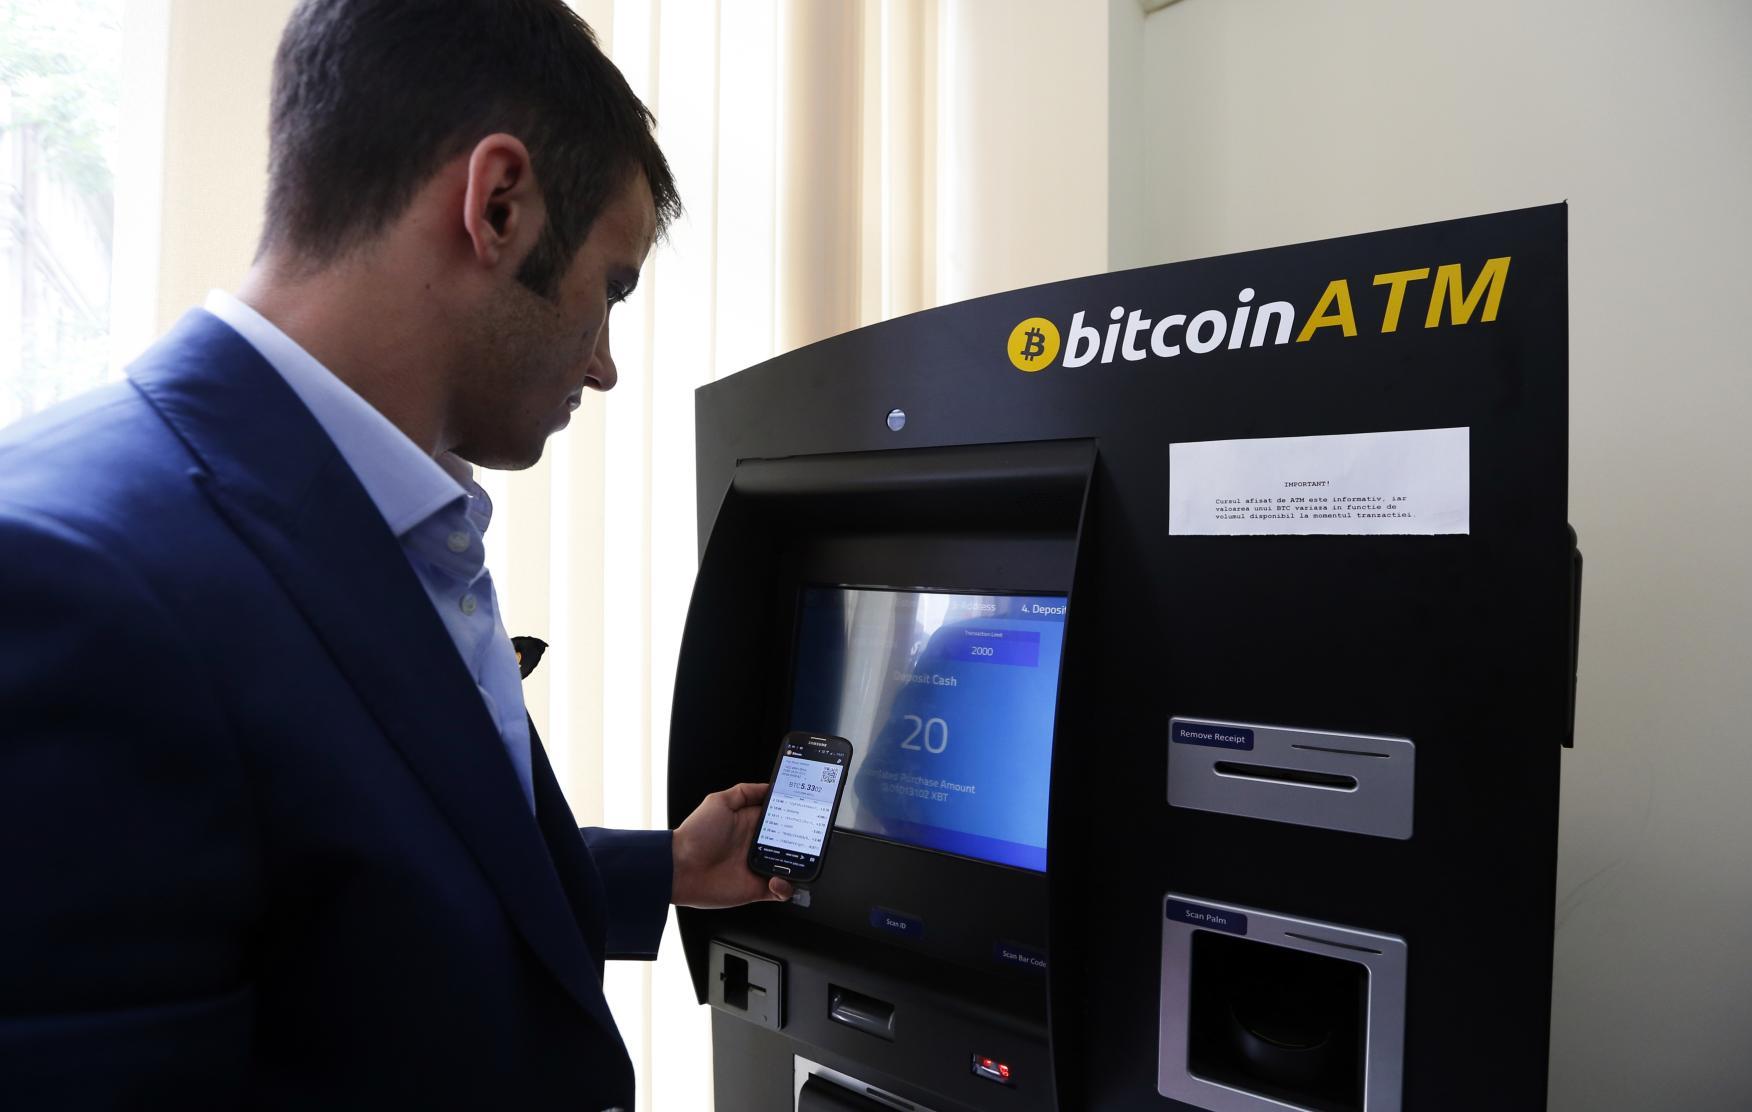 cursul btc 2021 depuneți la bitcoin